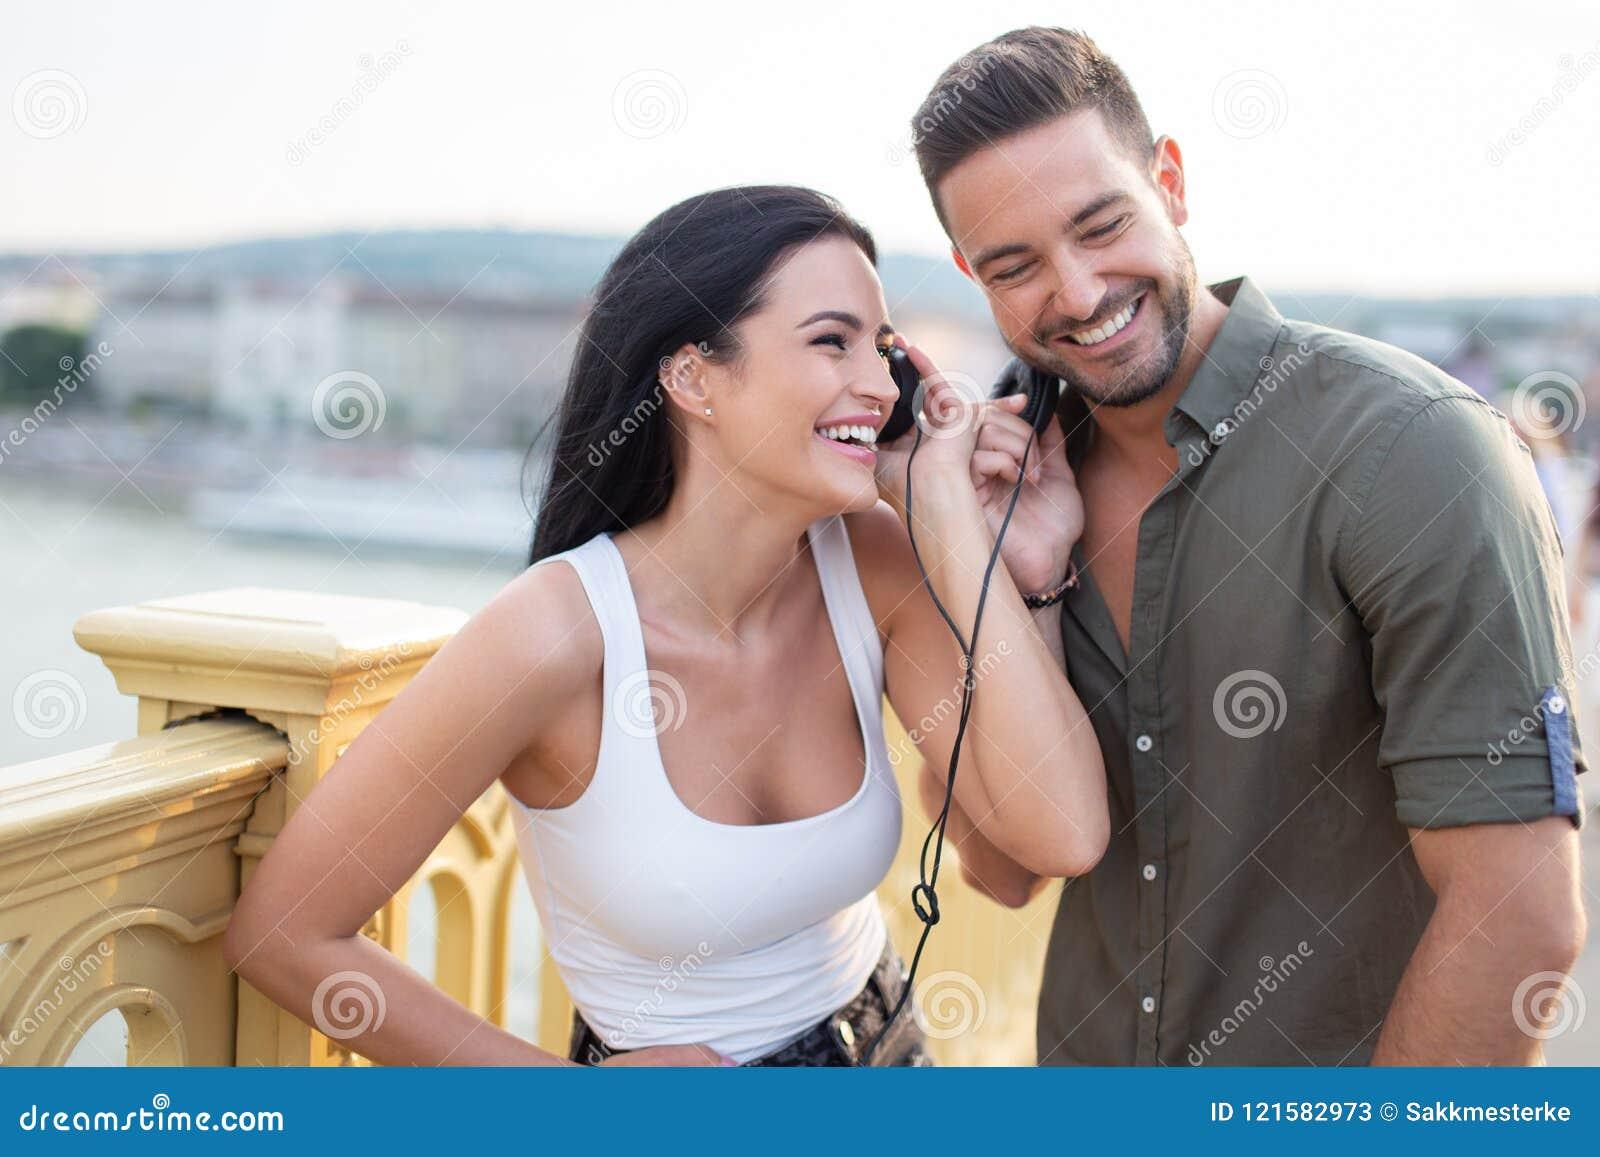 caucasica dating online